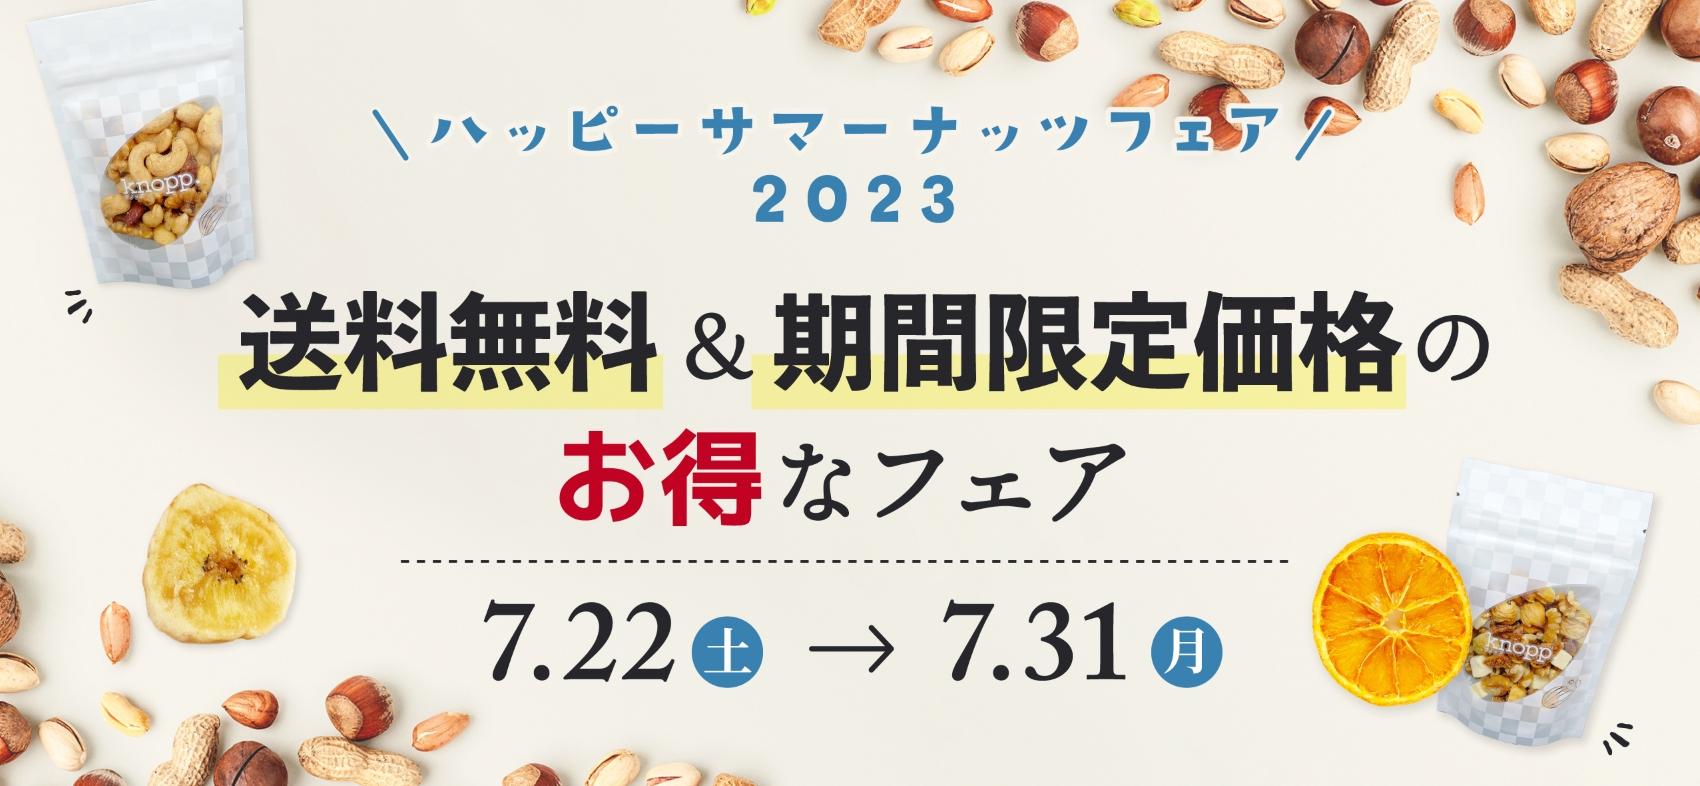 イタリア産黒トリュフ塩を贅沢に使用 プレミアム黒トリュフ塩ナッツ